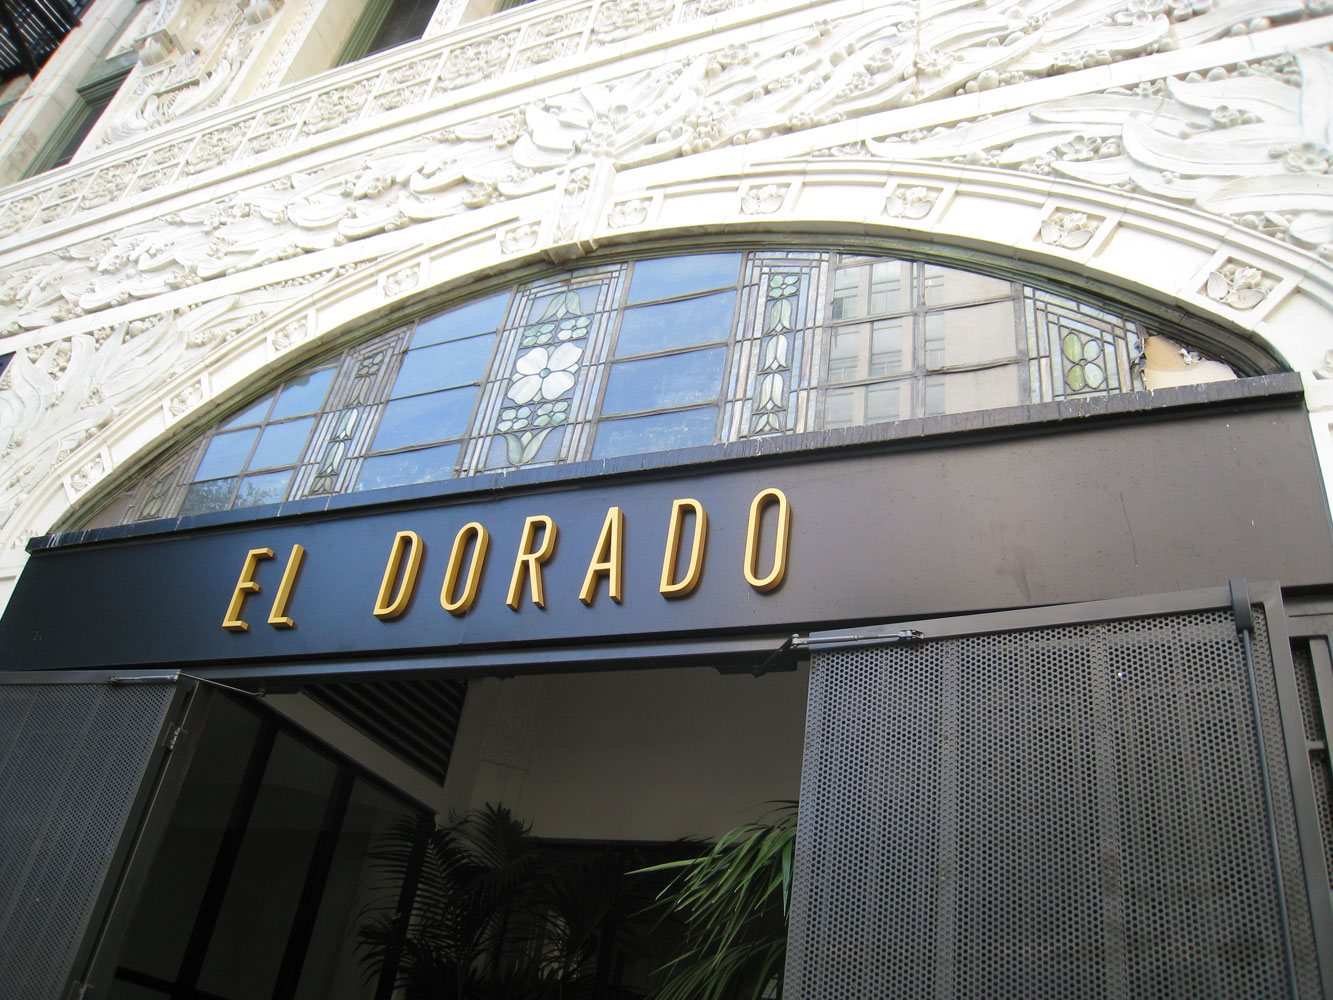 el_dorado_01_large.jpg